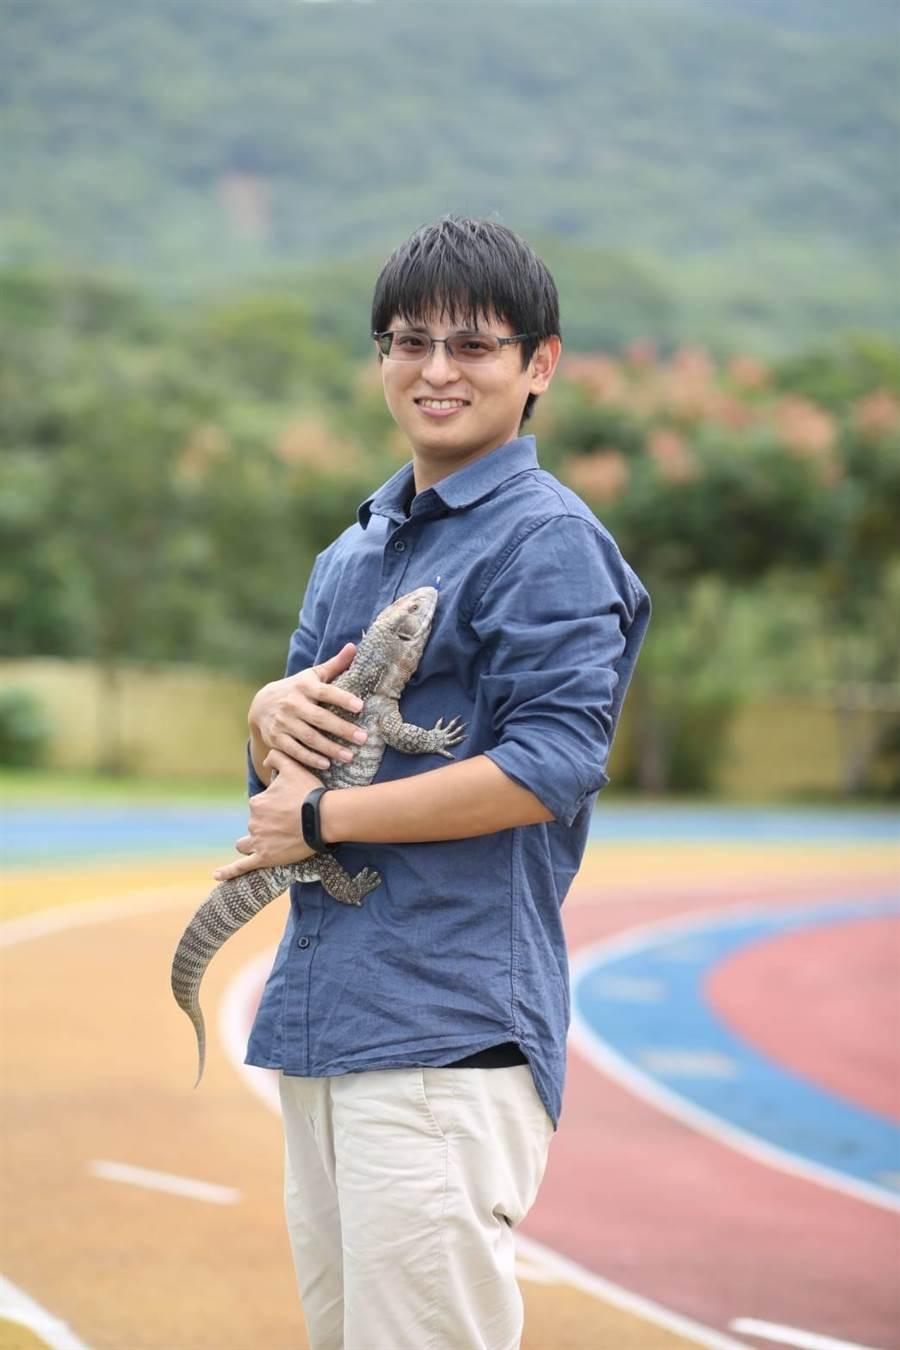 王俊凱老師圖說  新北市八里國中生物科老師王俊凱與草原巨蜥阿西。(教育部提供)